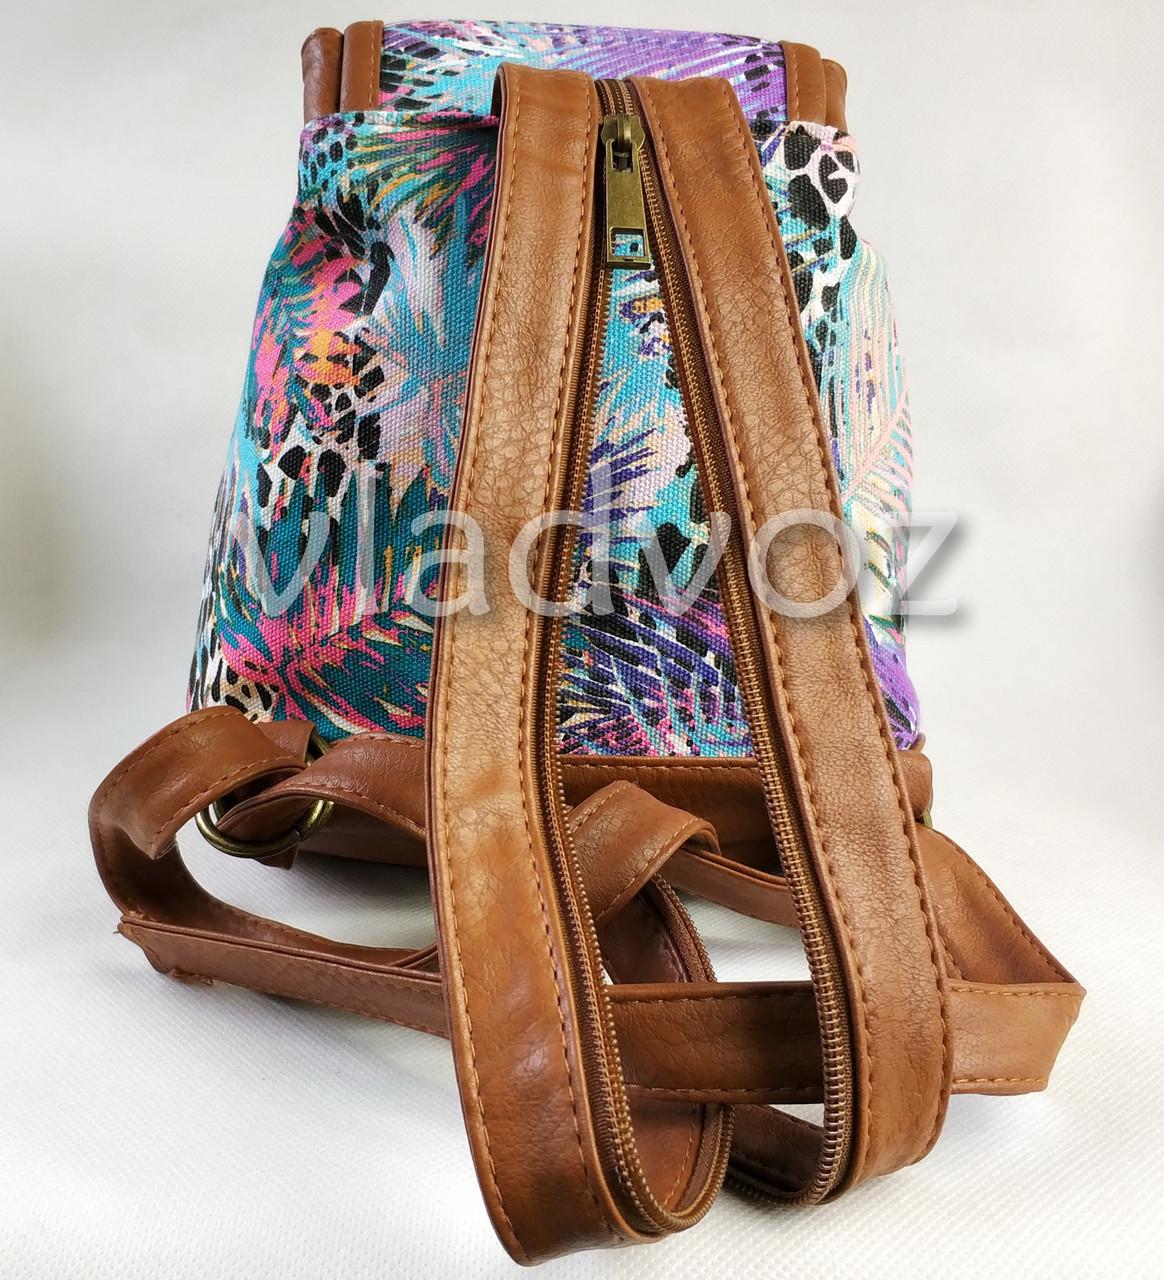 Фото молодежного подросток девочка модный рюкзака коричневого цвета природа вид сзади